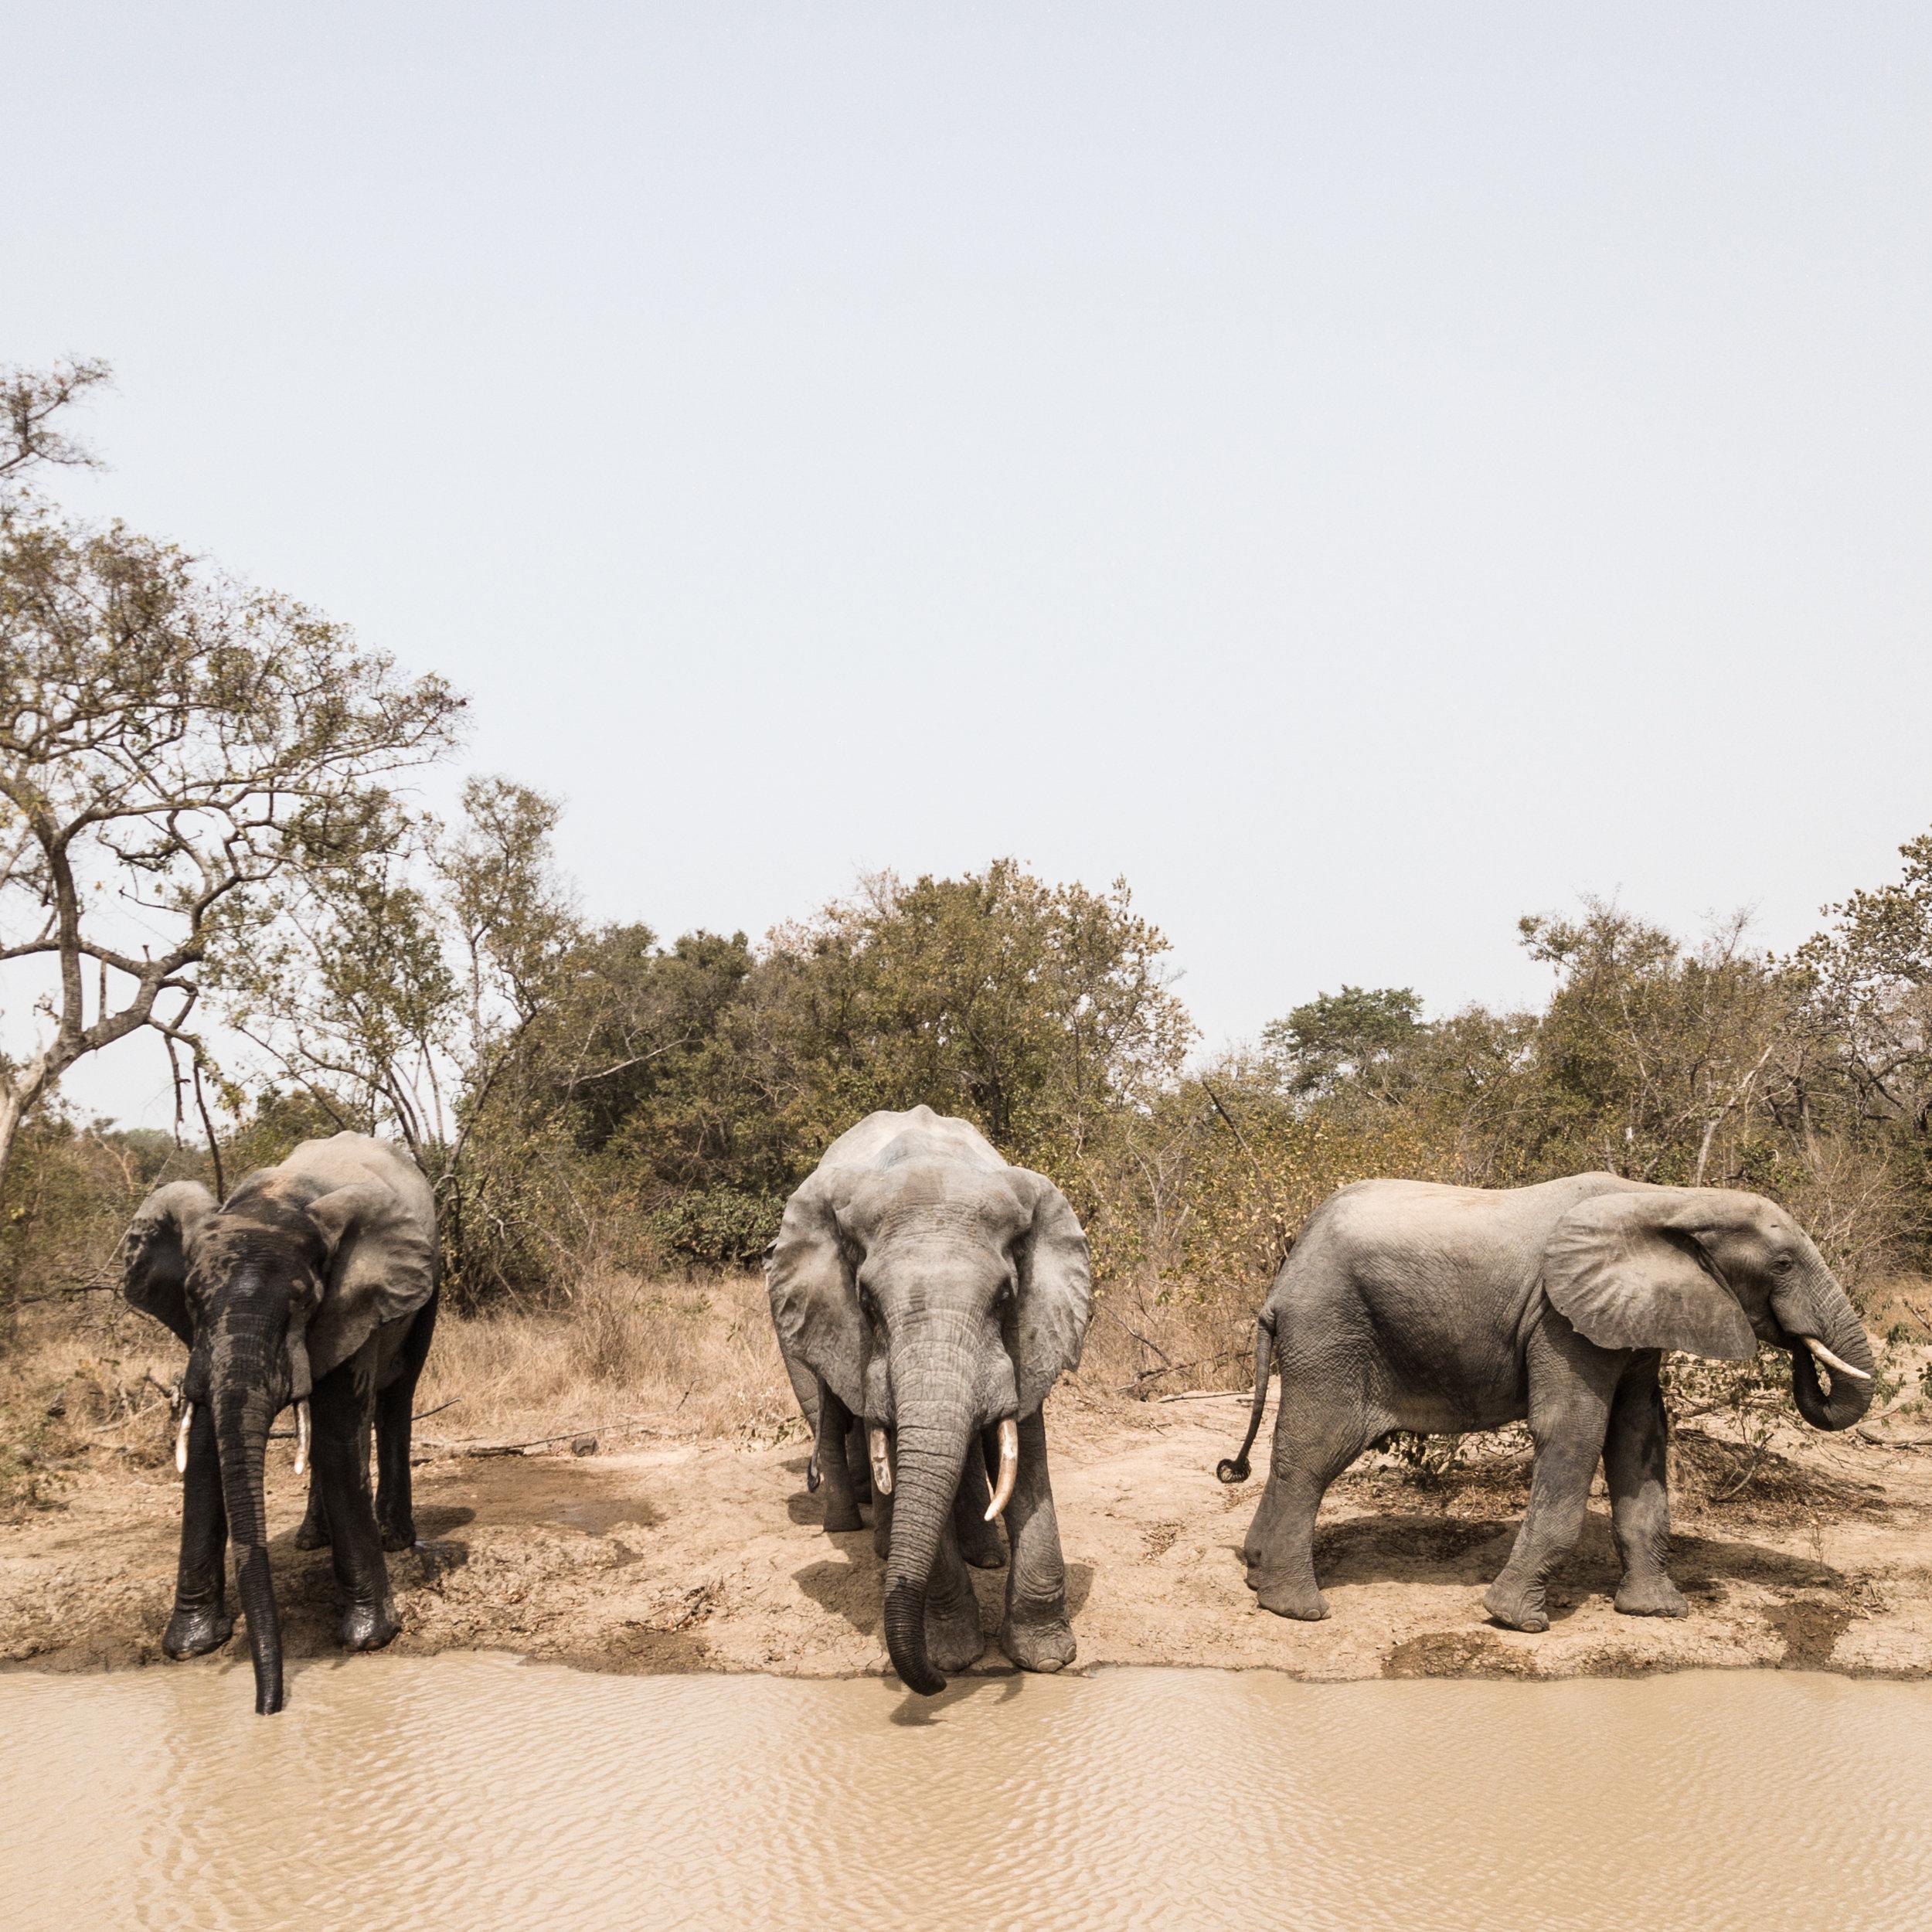 Ghana_African_Humanitarian_Photographer_TaraShupe_Safari_001.jpg